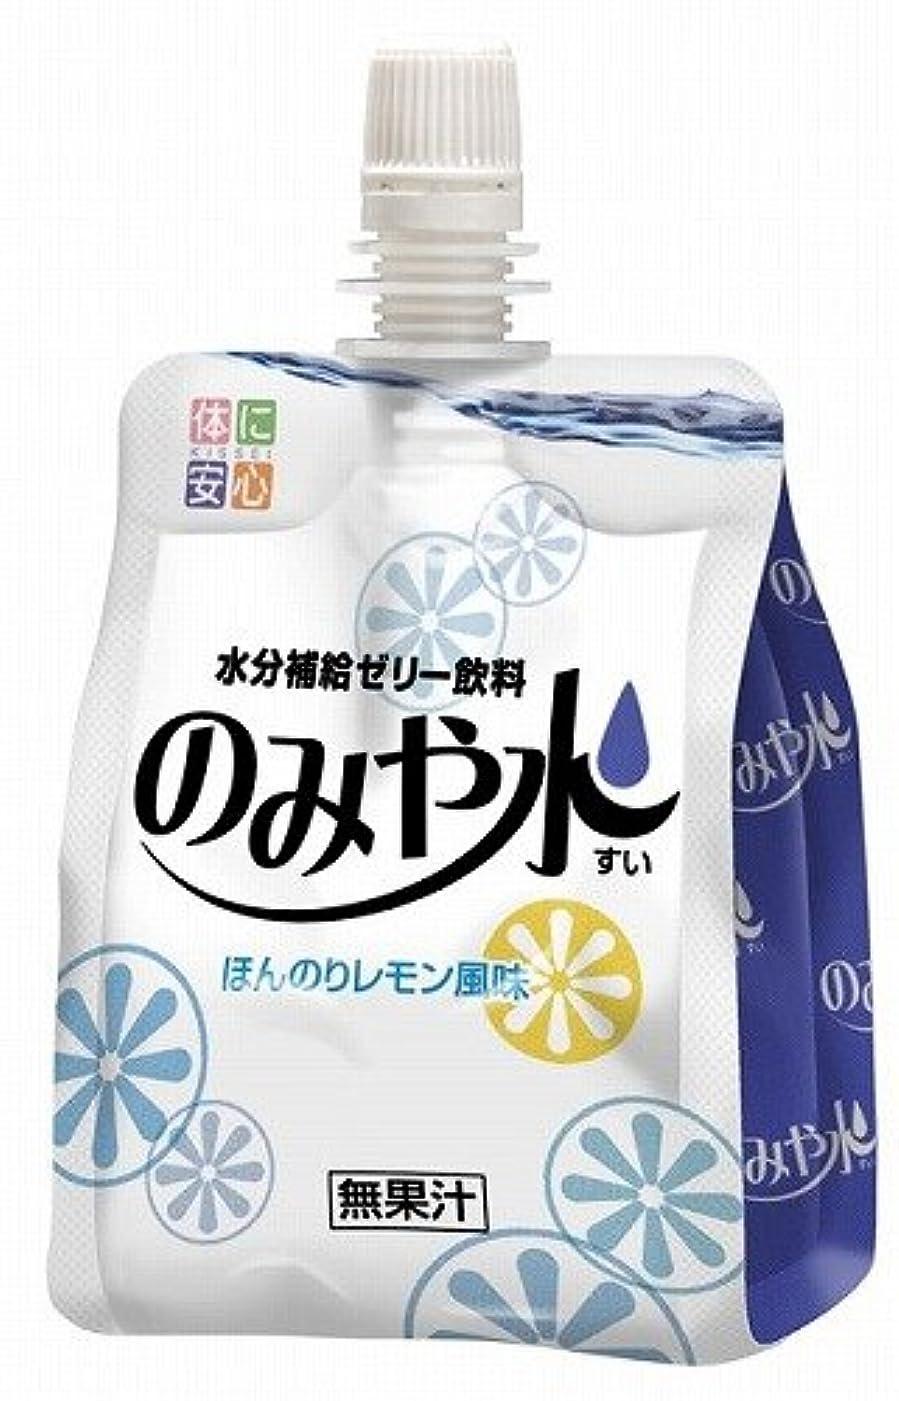 蒸びん適切な【キッセイ】 のみや水 ほんのりレモン風味 150g